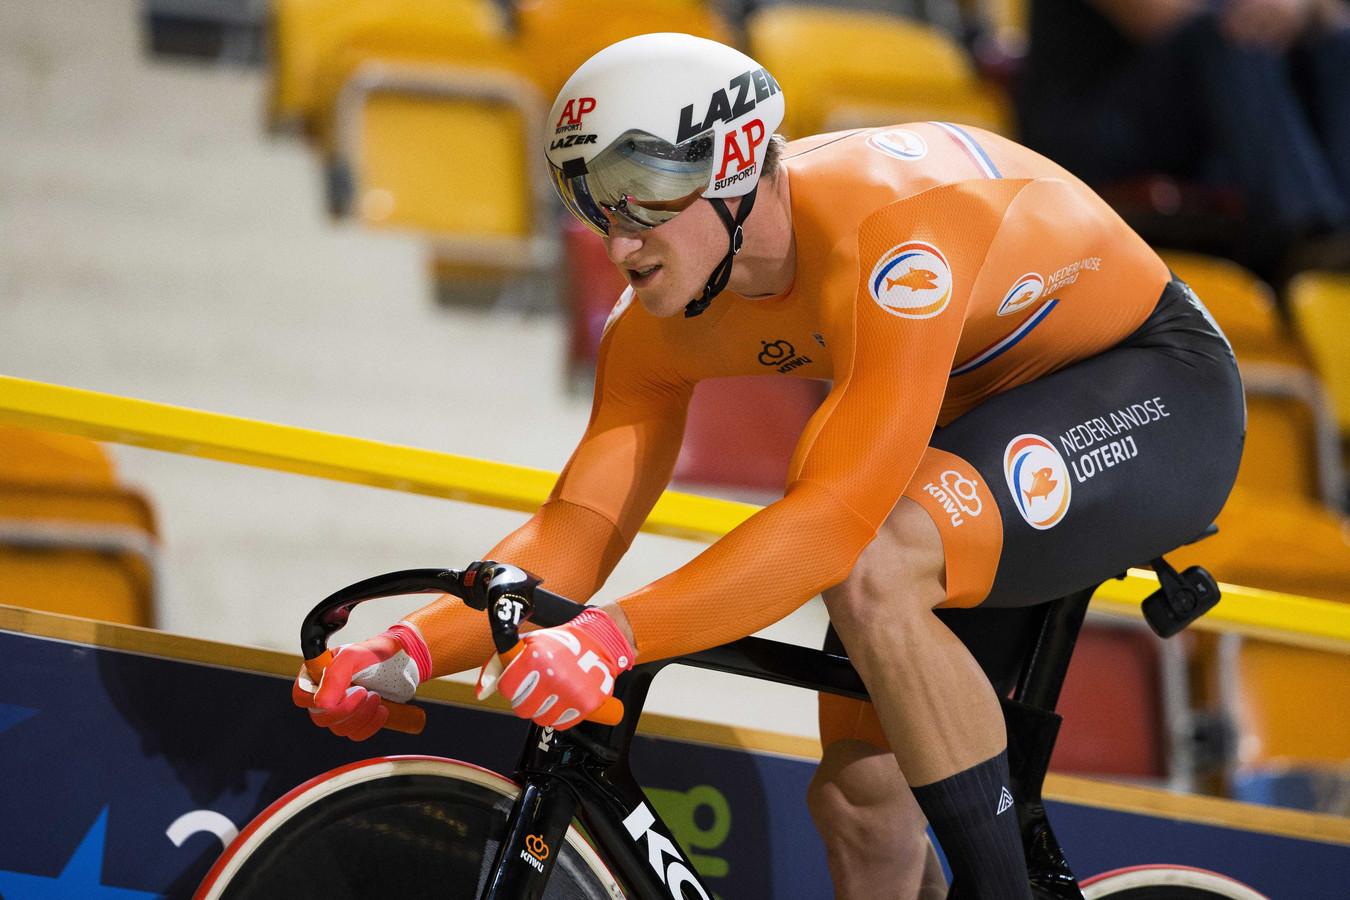 Jeffrey Hoogland in actie tijdens de sprint op de baan in Apeldoorn.